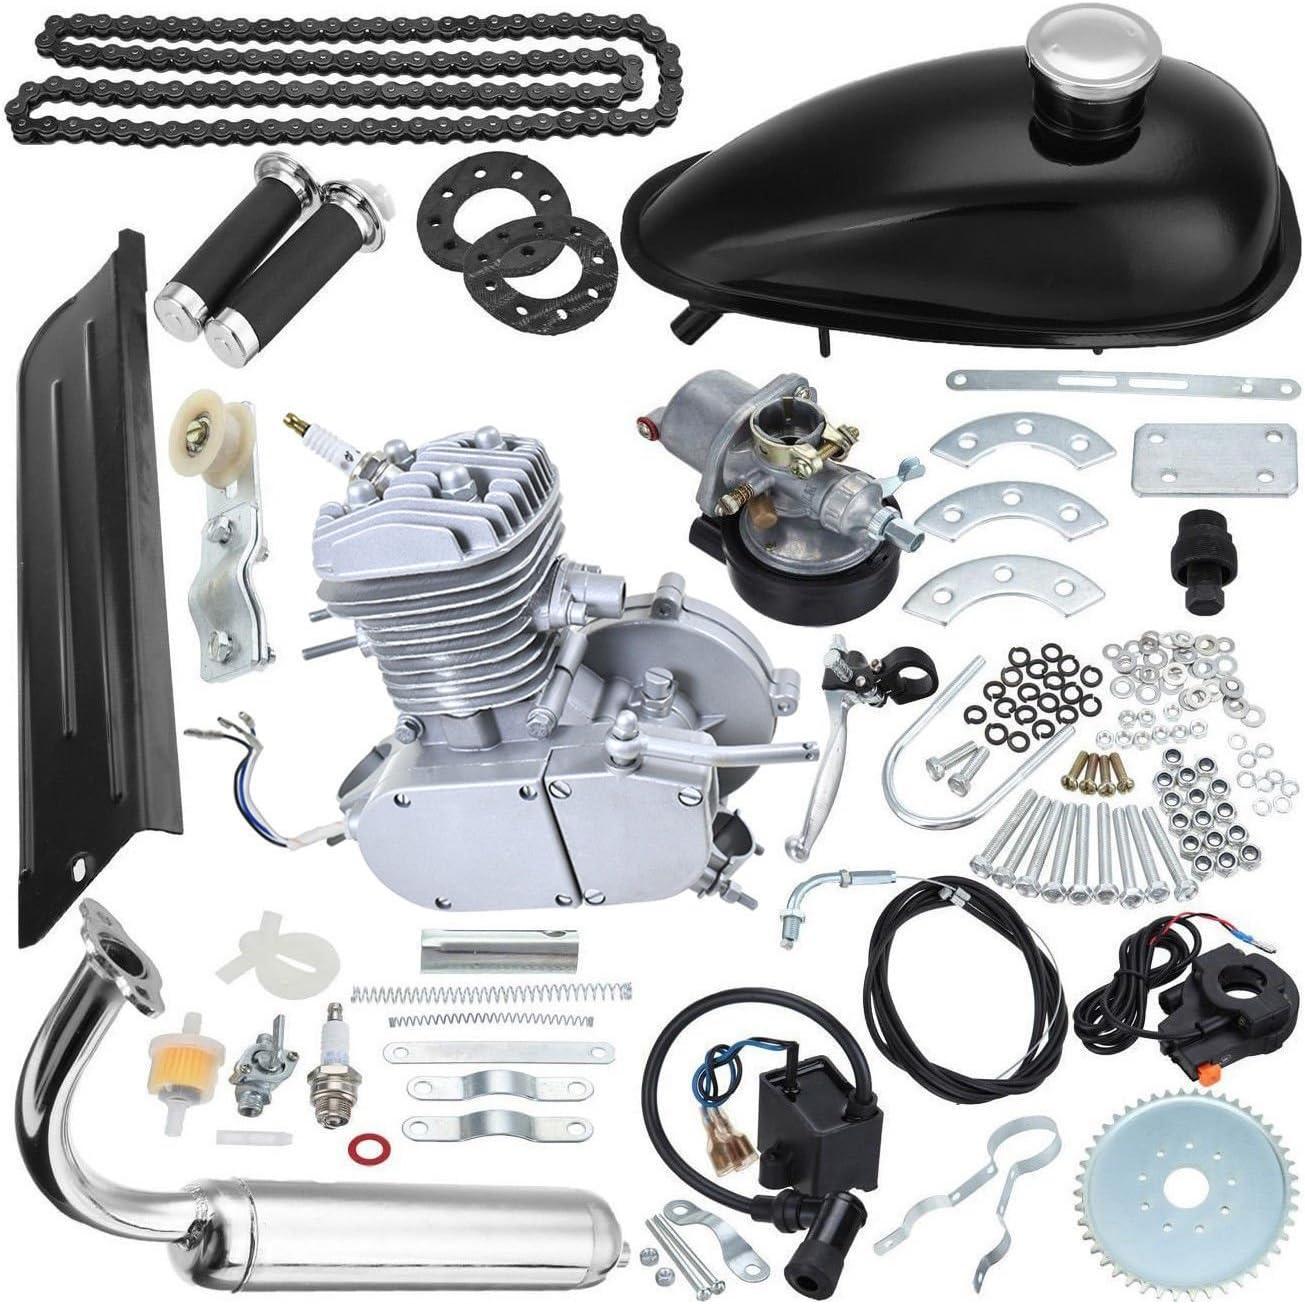 80cc 2 tiempos Kit de motor de gasolina de bicicleta DIY ...